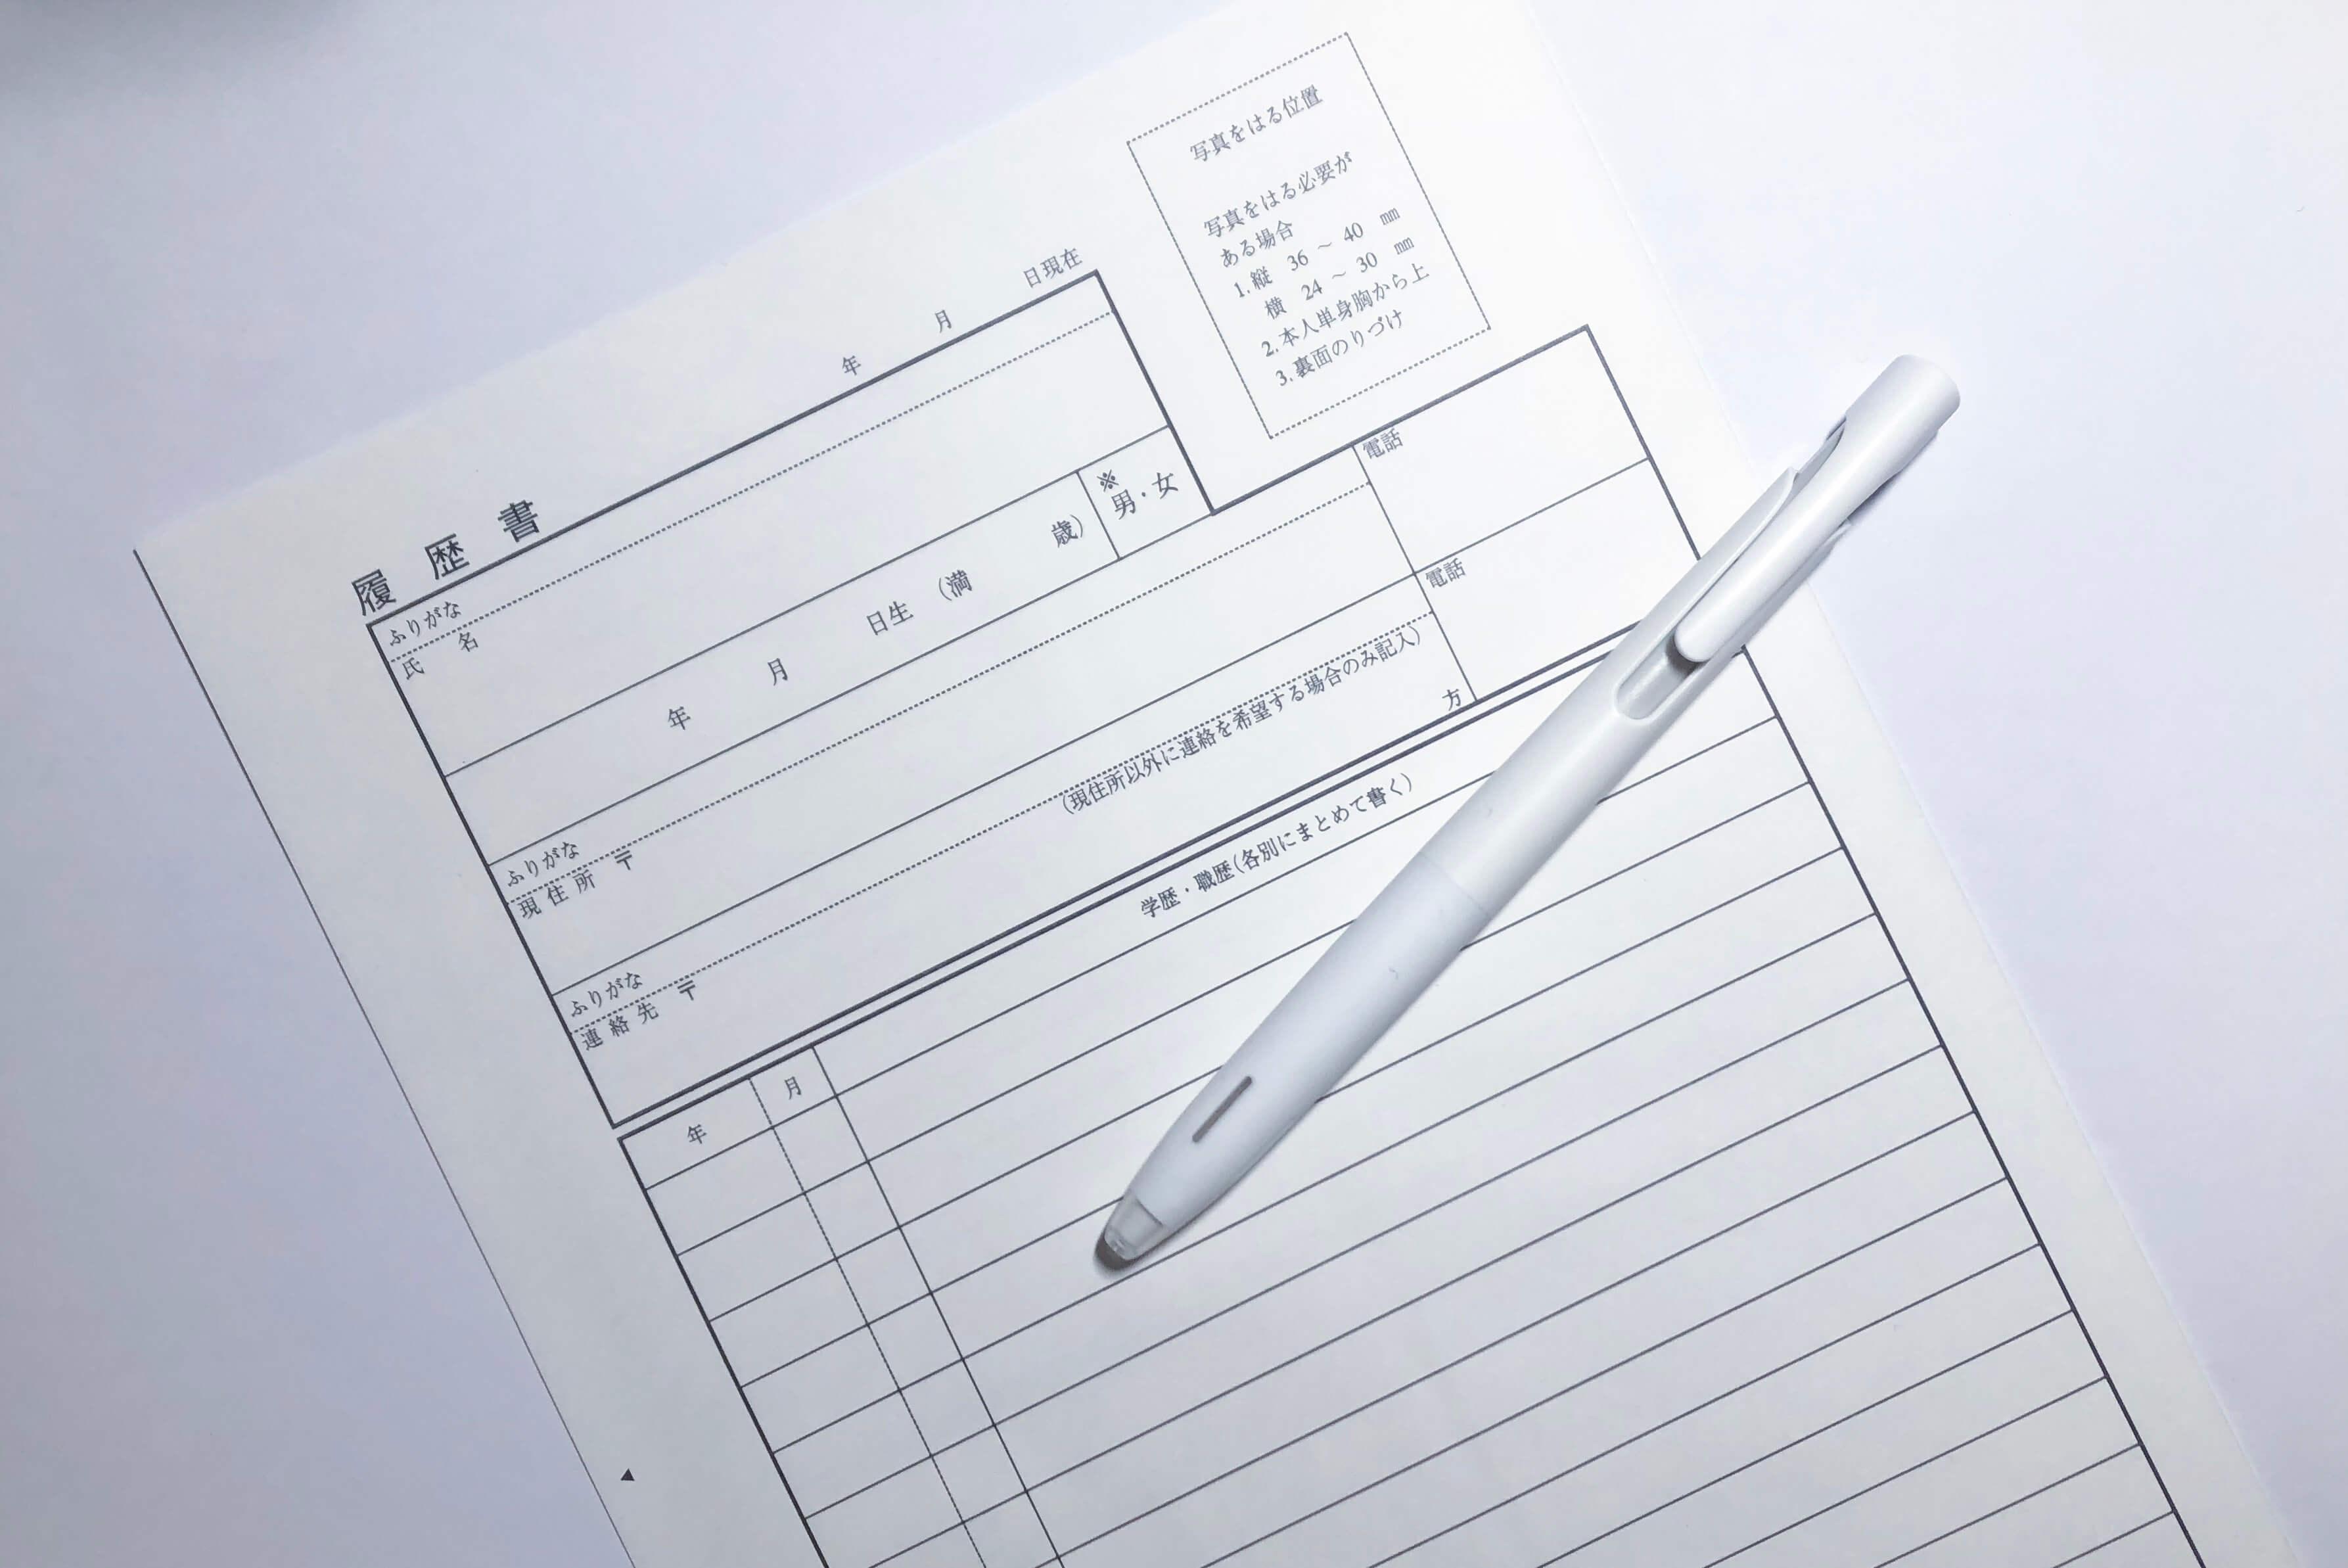 履歴書用就活ペンの新スタンダート。就活中に欲しかったペン先がブレないボールペン「ブレン」